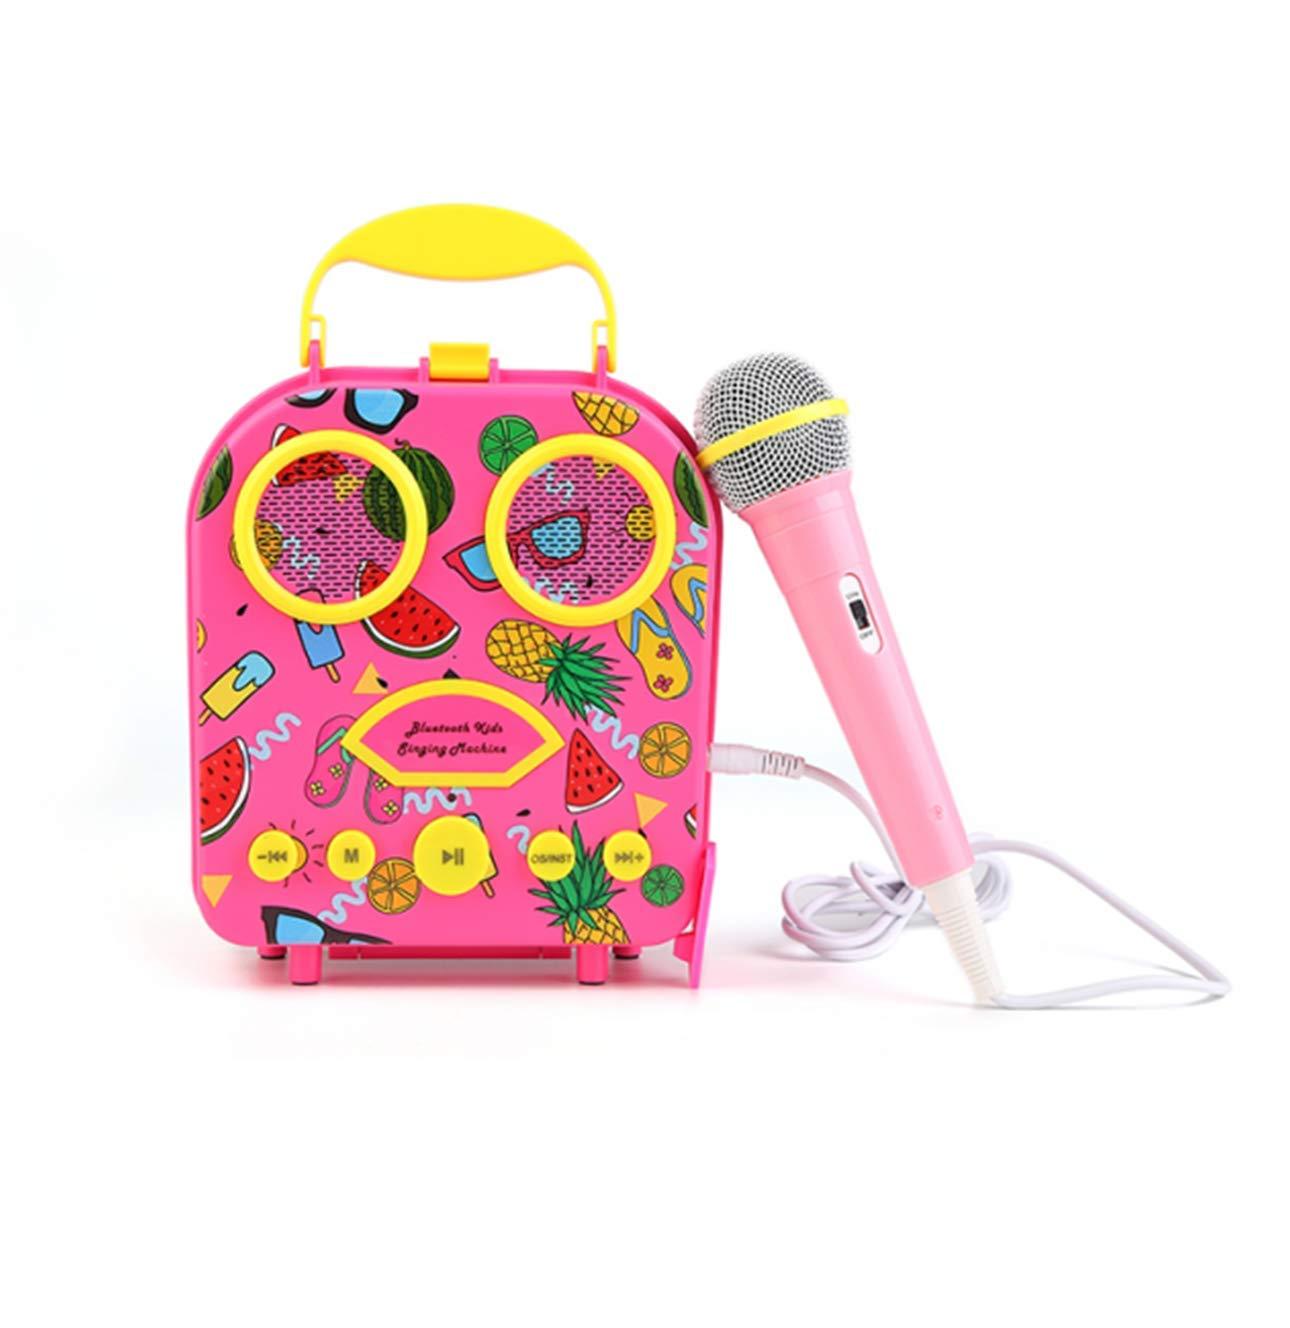 LUCKYBIRD Karaoke Machine for Kids (Hot Pink) by LUCKYBIRD (Image #1)